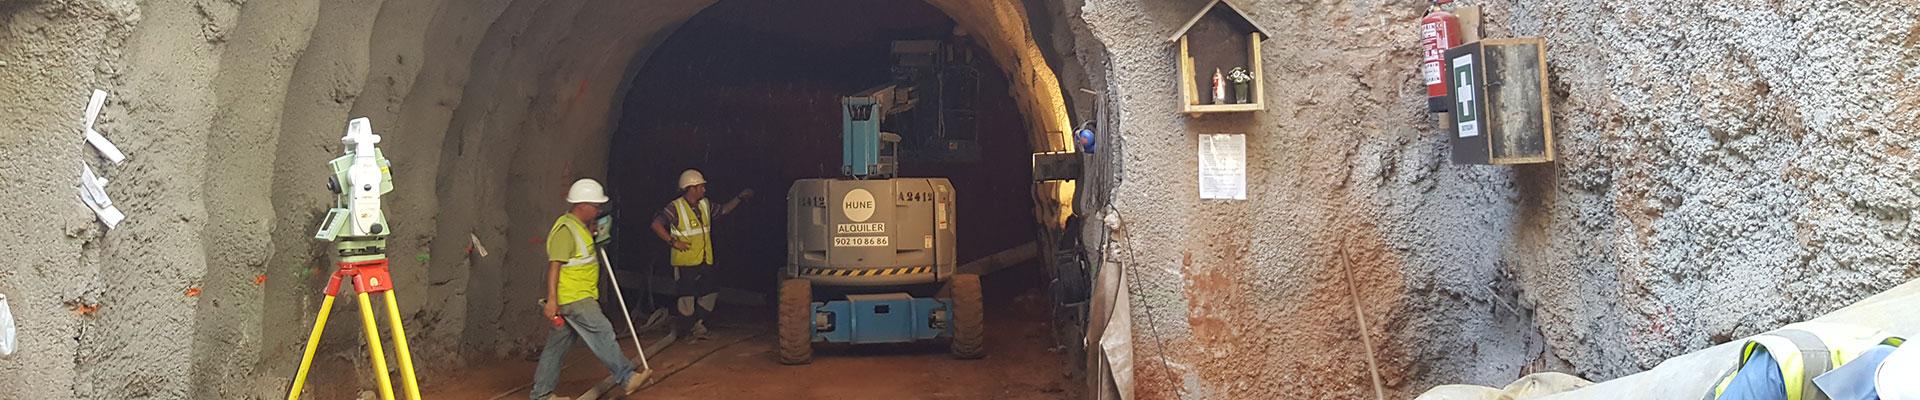 Túnel Plaça de les Glòries Empresa de diseño geotécnico de túneles. Empresa de disseny geotècnic de túnels. Tunnel geotechnical design company.